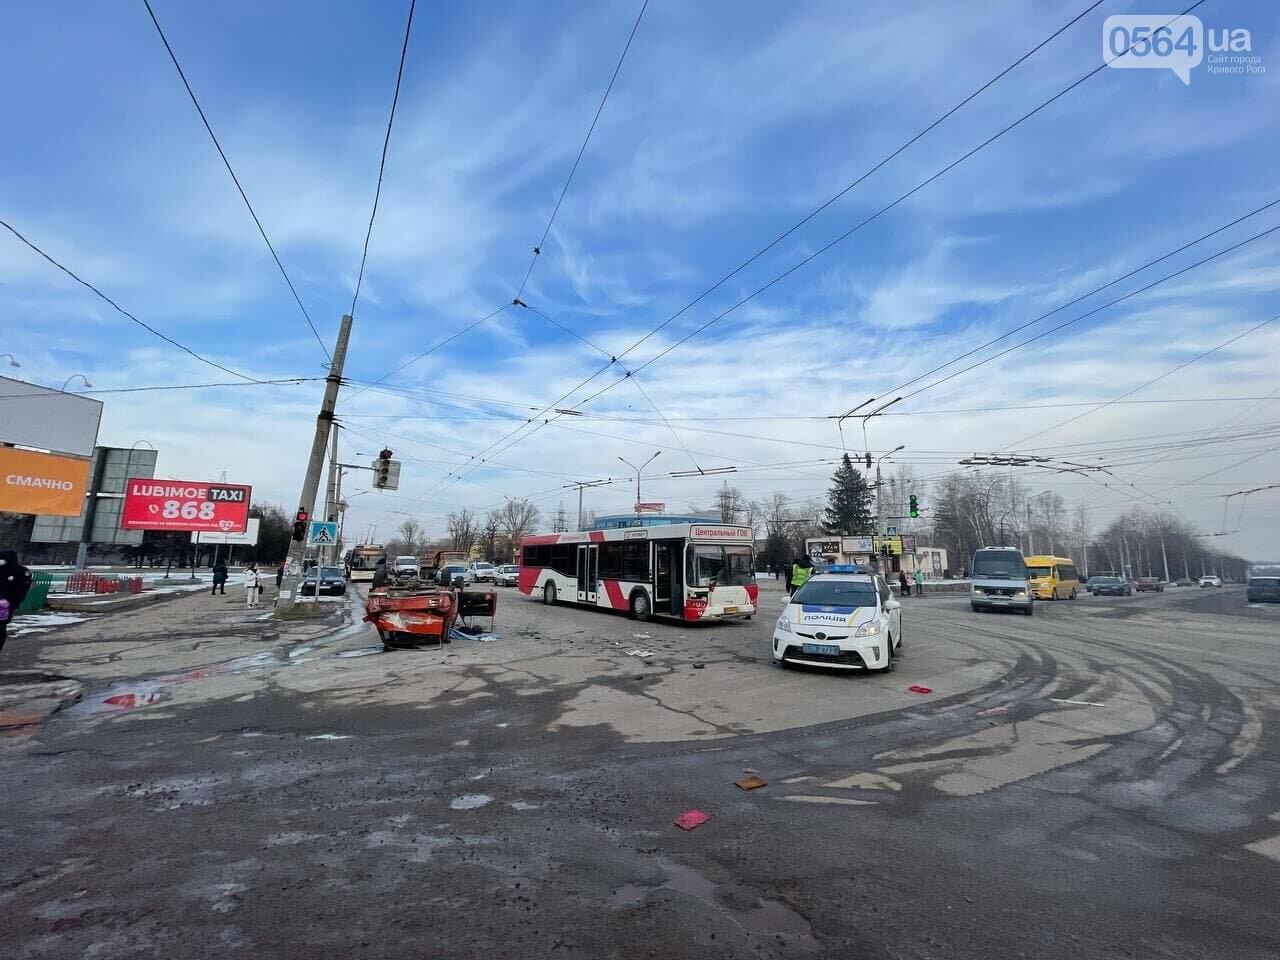 В Кривом Роге столкнулись автобус и легковой ВАЗ, машина перевернулась на крышу, - ФОТО, фото-6